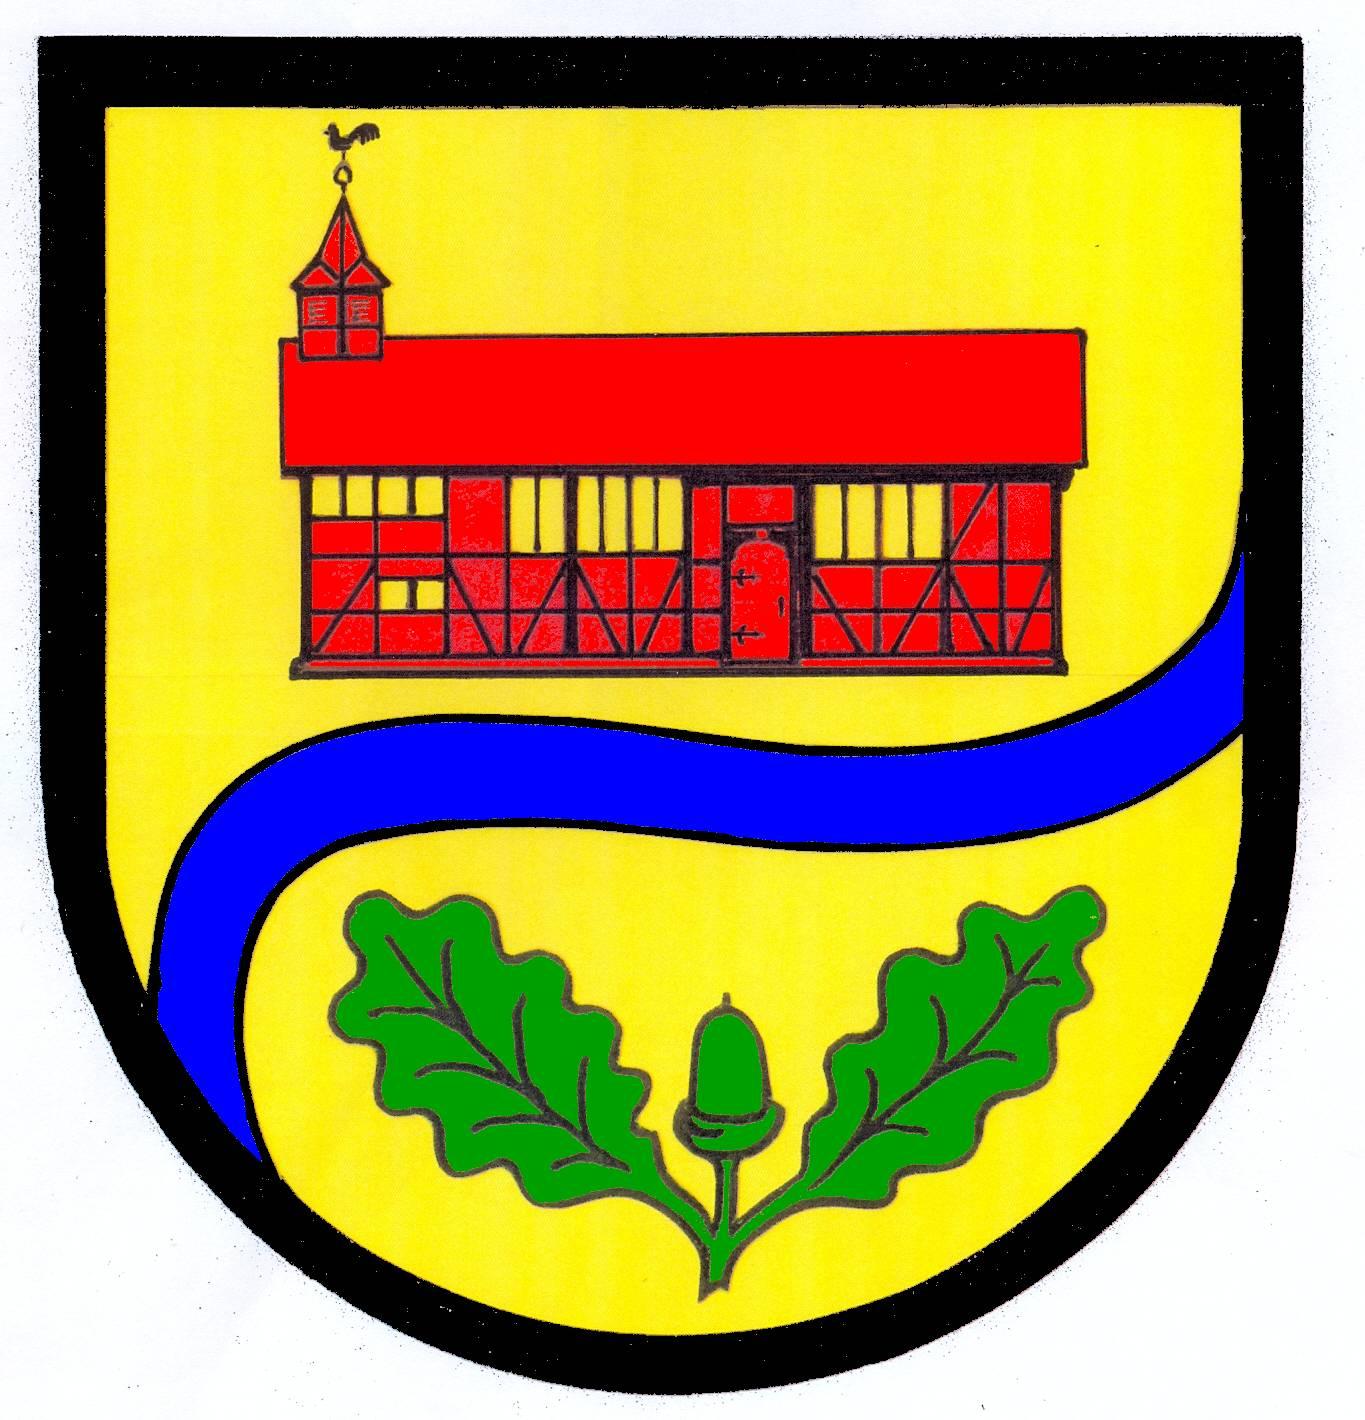 Wappen GemeindeFuhlenhagen, Kreis Herzogtum Lauenburg